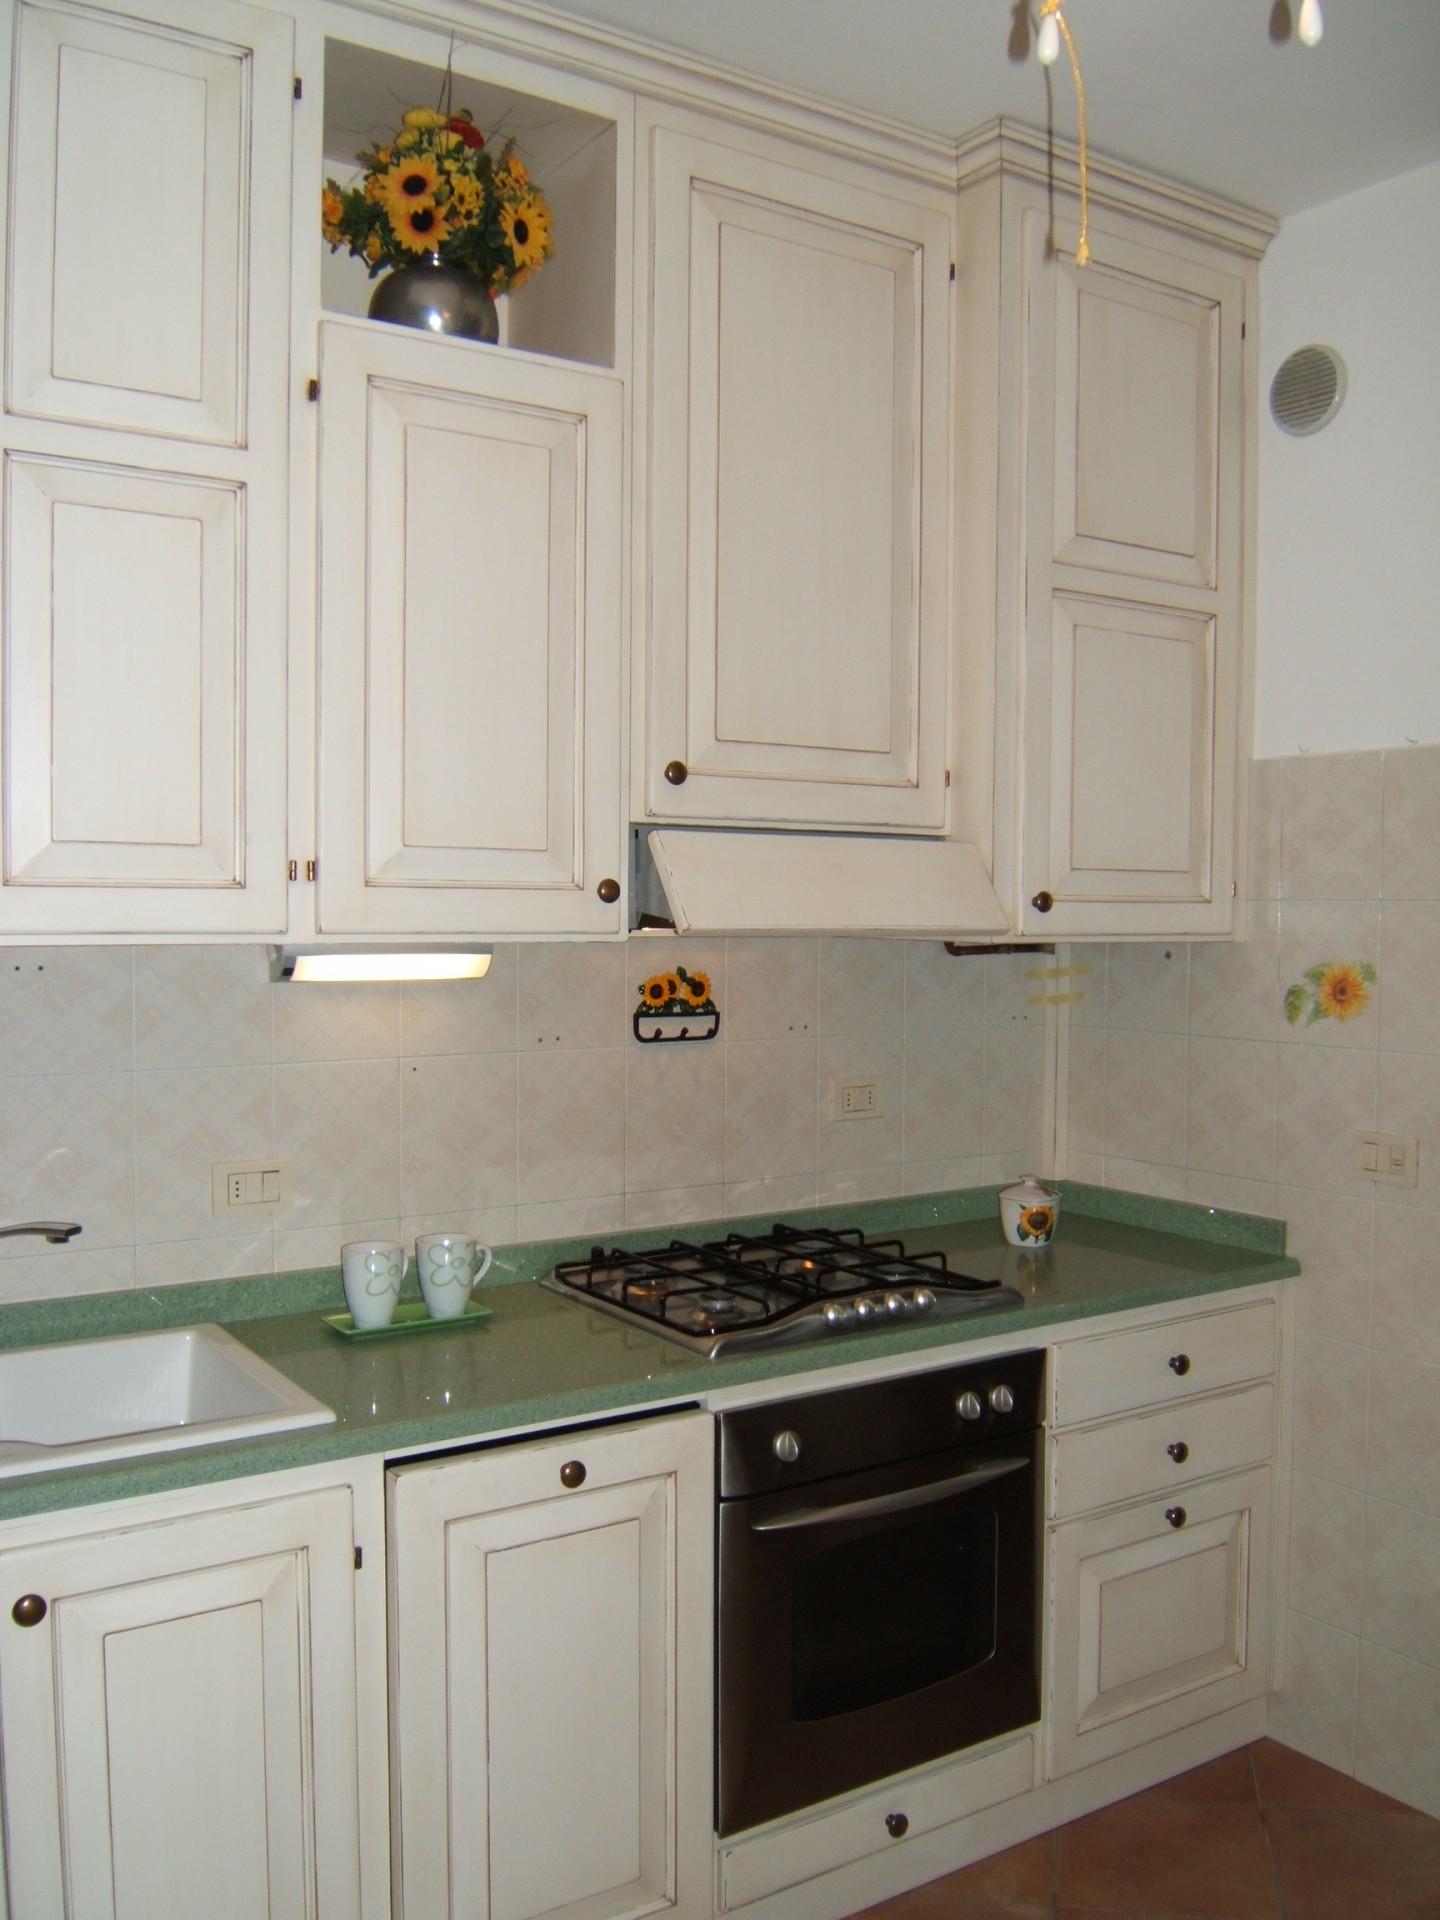 Cucina in muratura | Fadini Mobili Cerea Verona